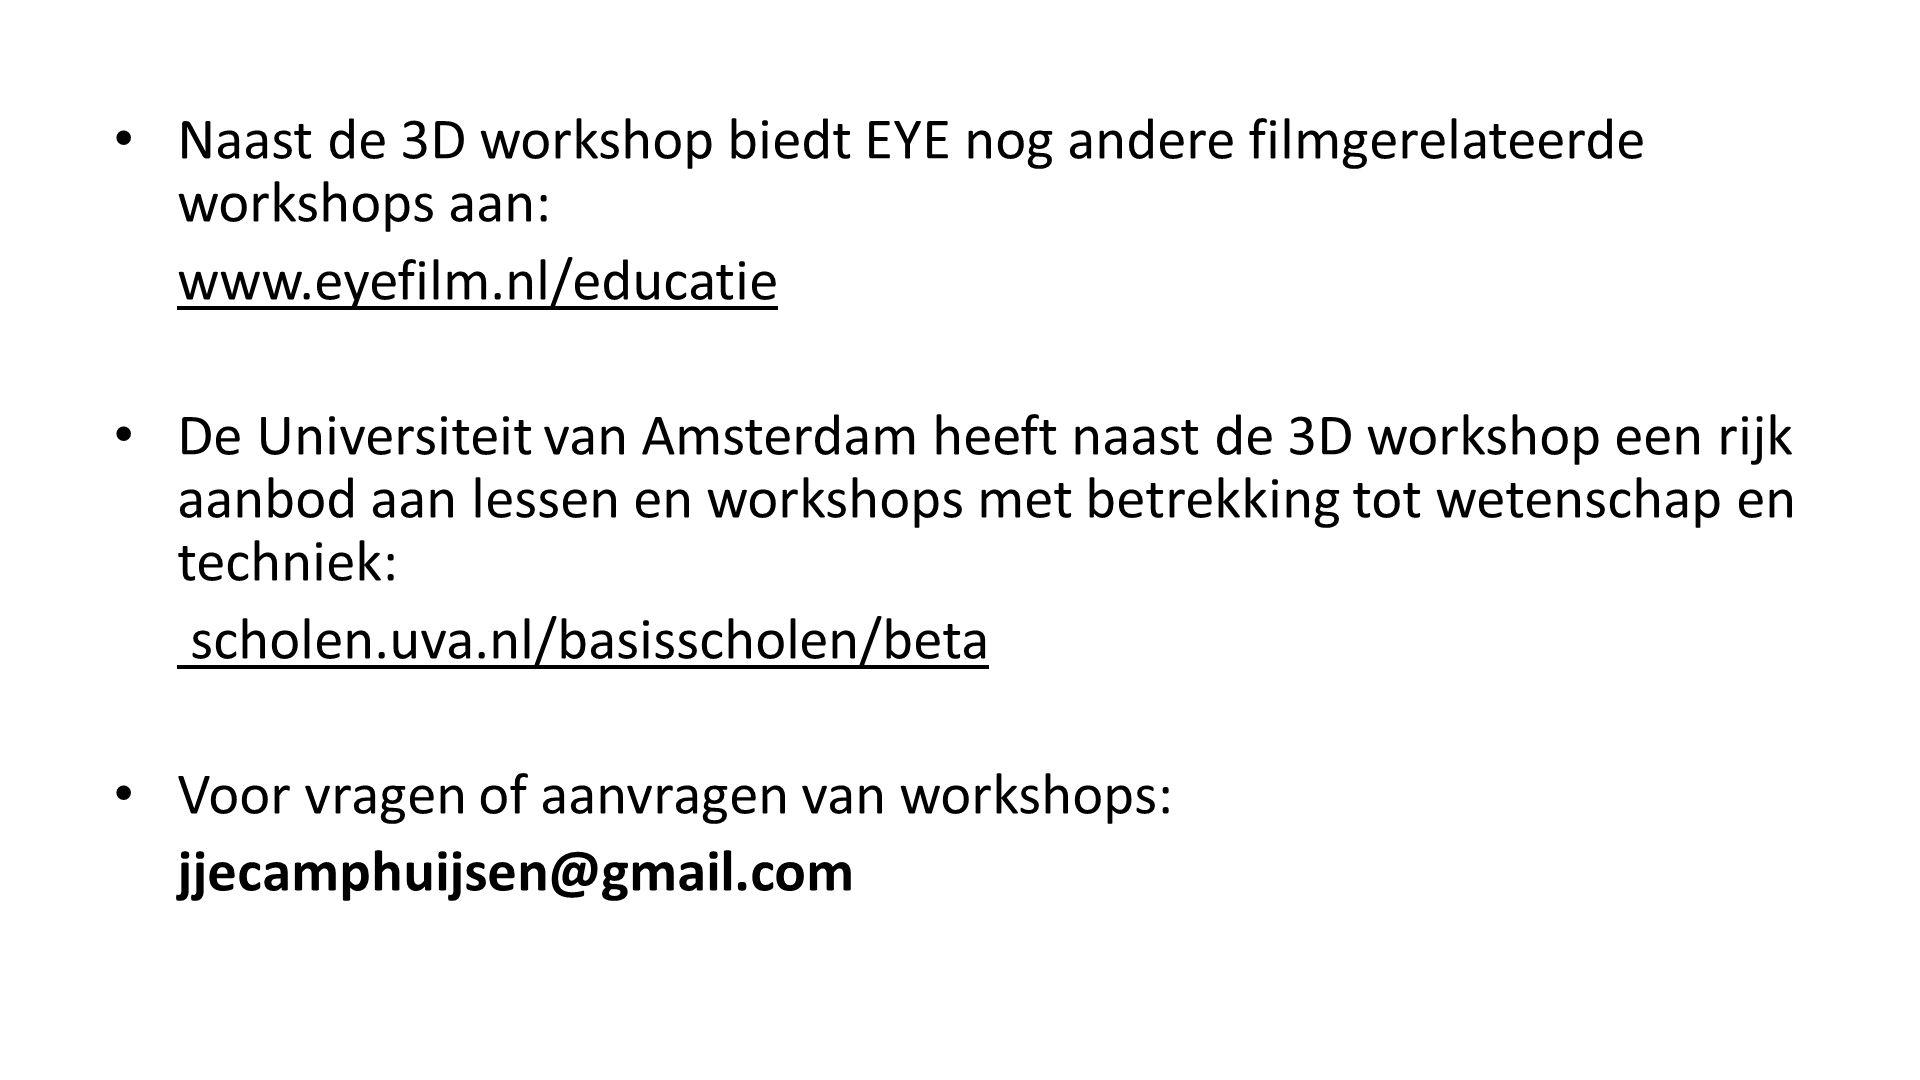 Naast de 3D workshop biedt EYE nog andere filmgerelateerde workshops aan: www.eyefilm.nl/educatie De Universiteit van Amsterdam heeft naast de 3D work